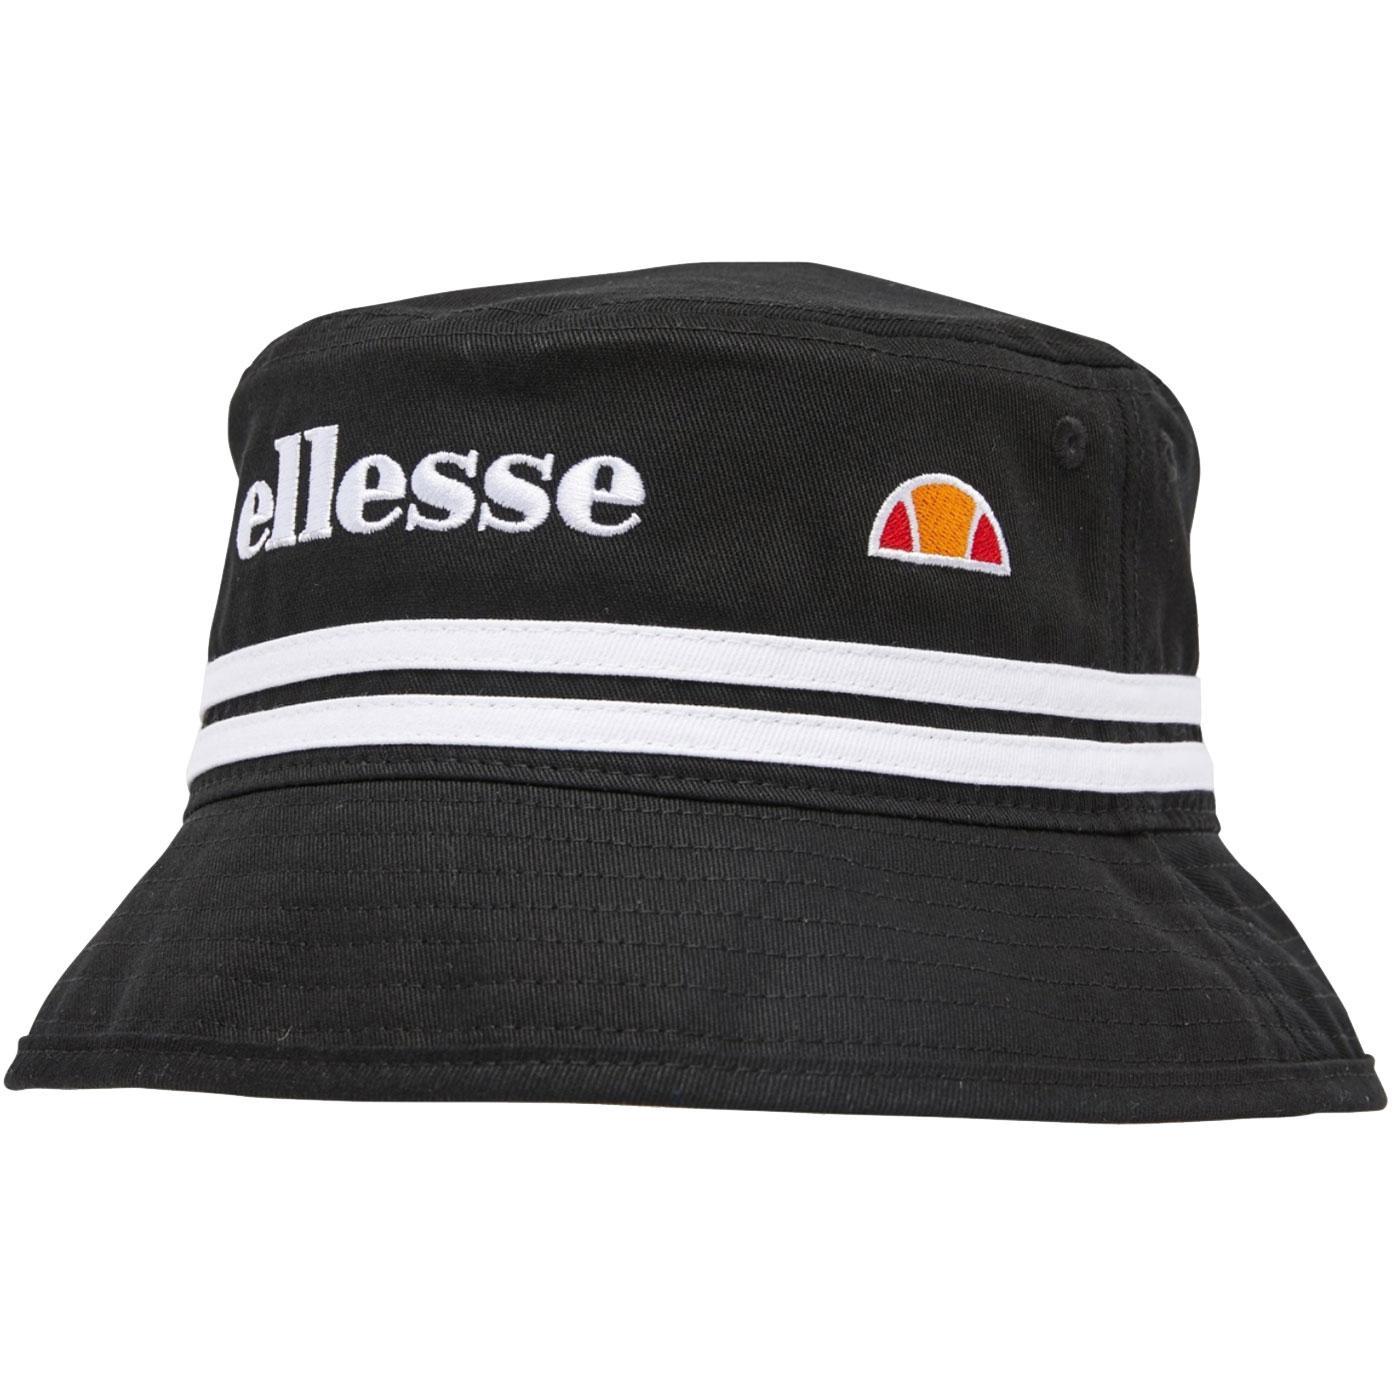 Lorenzo ELLESSE Retro Britpop Striped Bucket Hat B